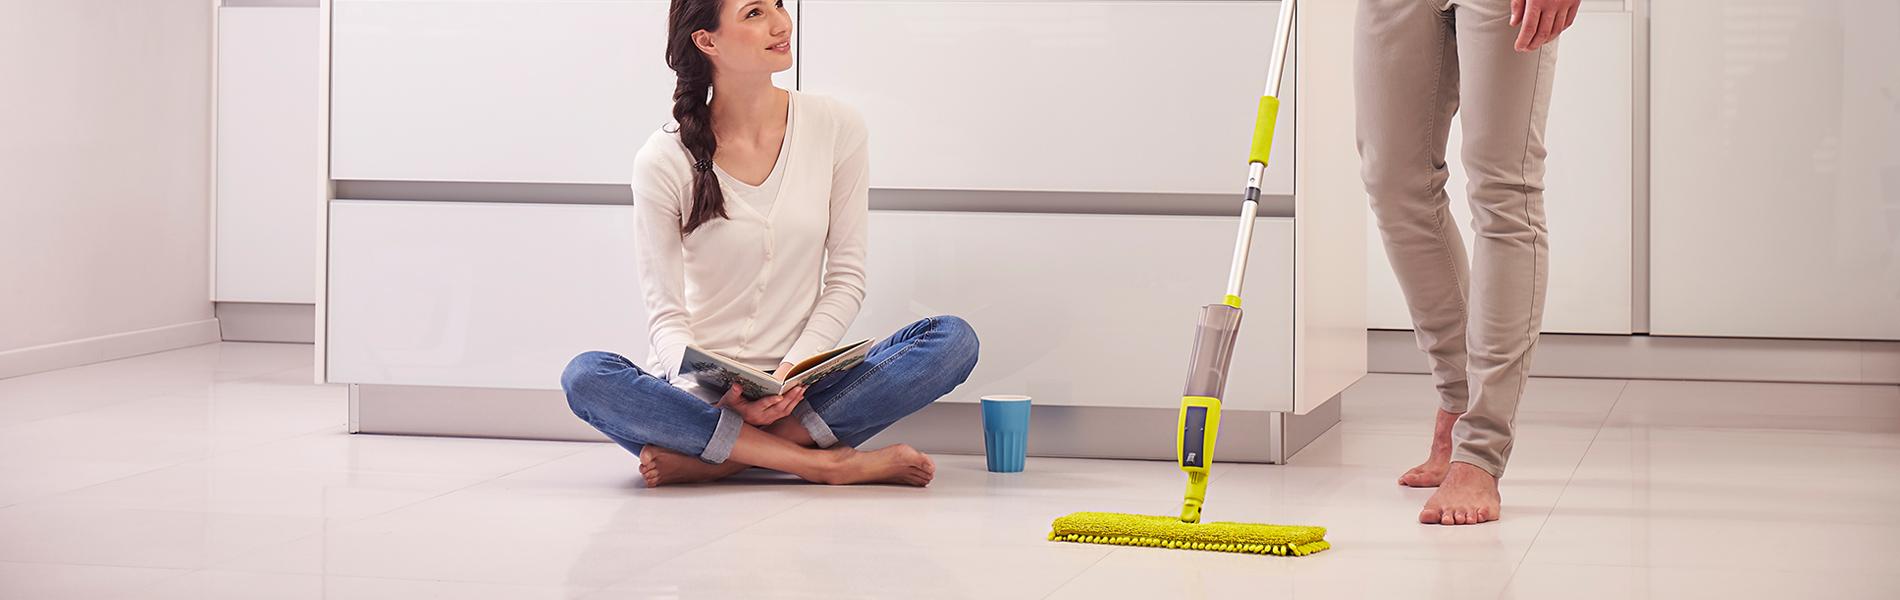 Spray Cleaner felmosó és ablaktisztító